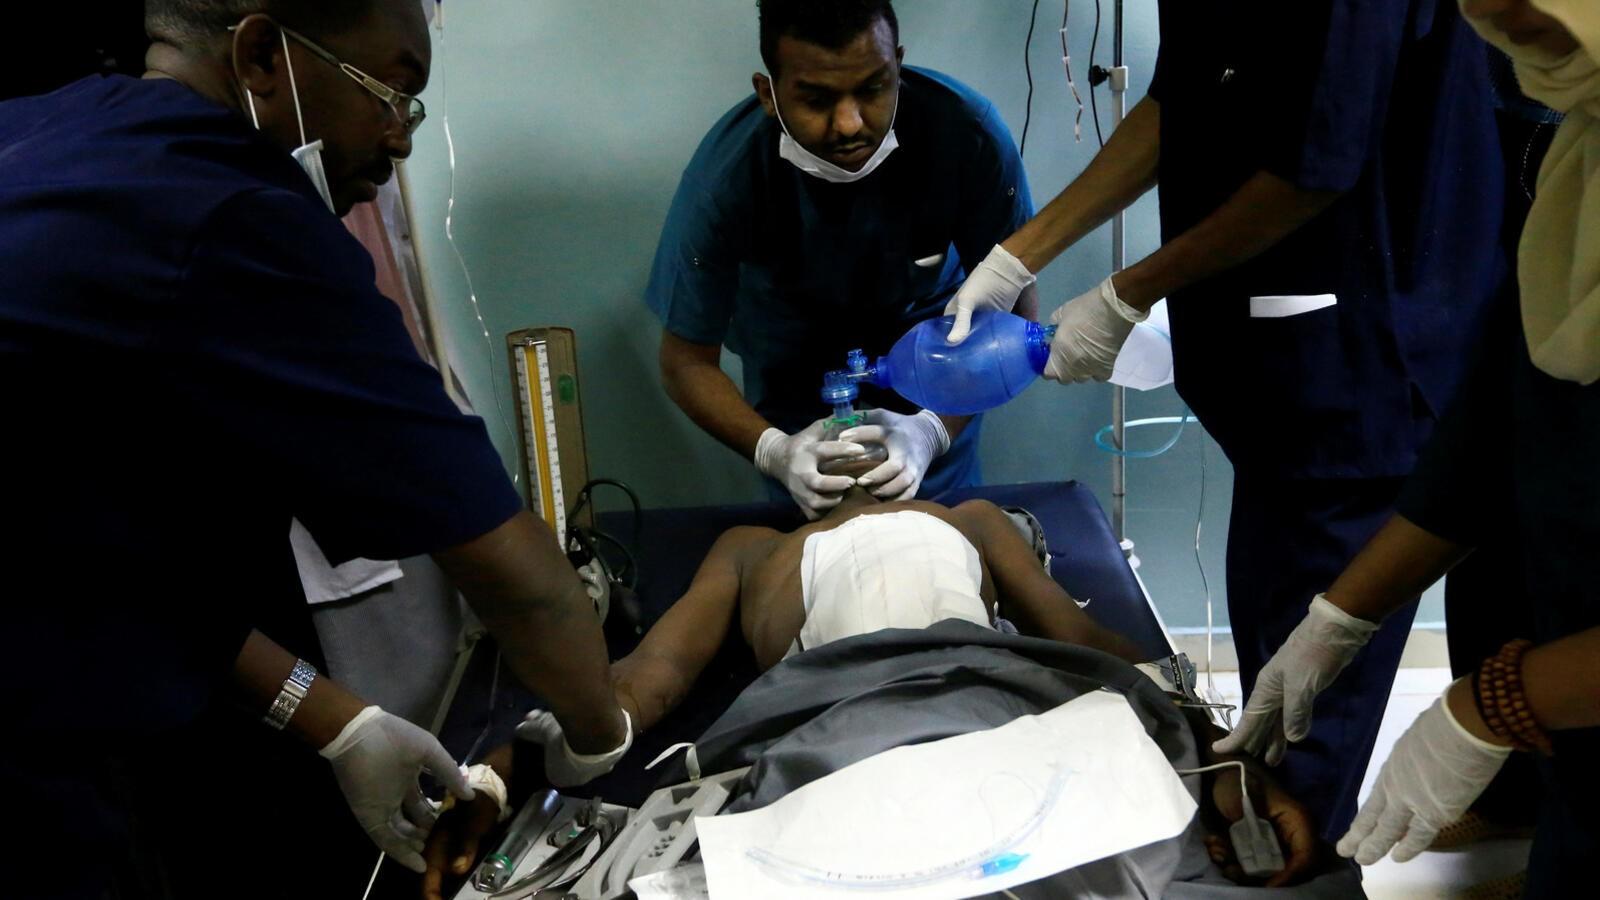 المجلس العسكري السوداني: توقيف 15 متهما بقتل معتصمين في الخرطوم